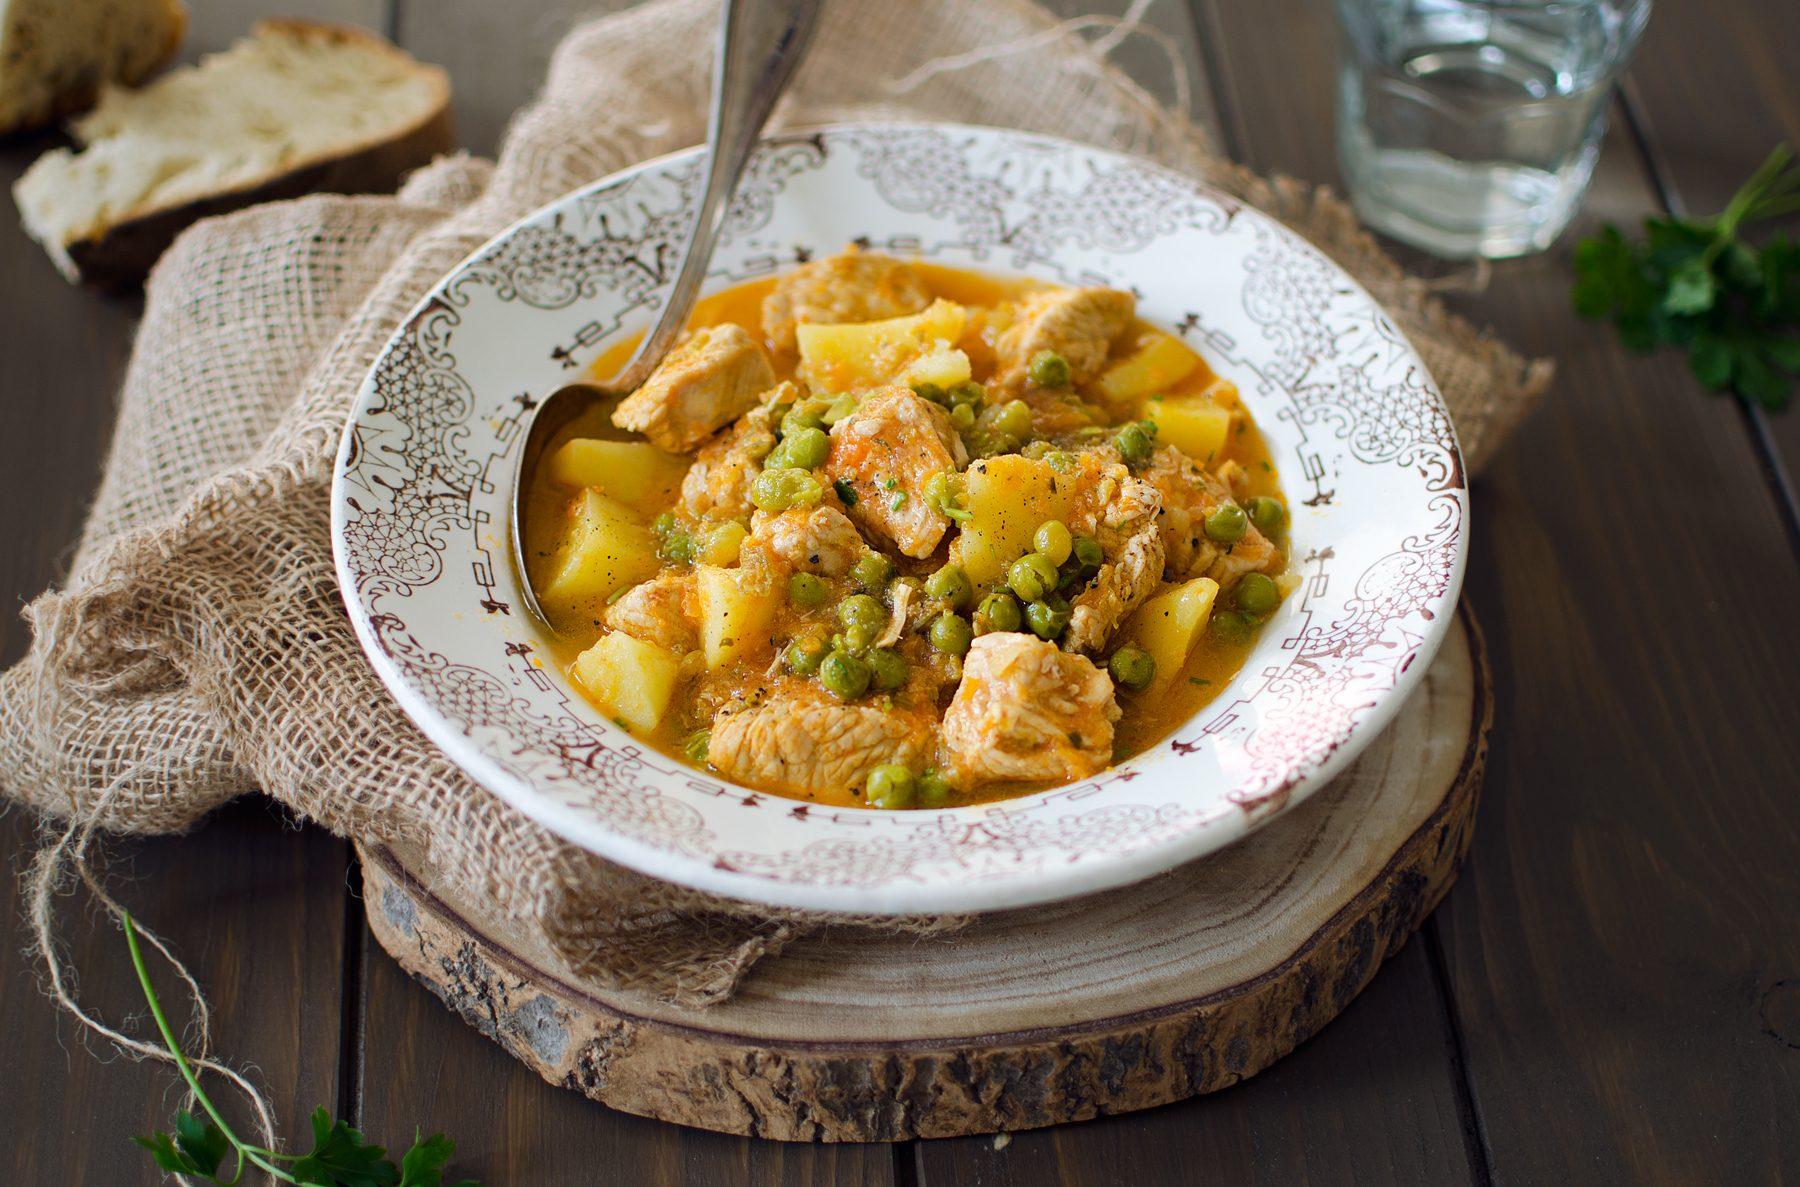 Spezzatino di tacchino e piselli: la ricetta del piatto semplice e gustoso